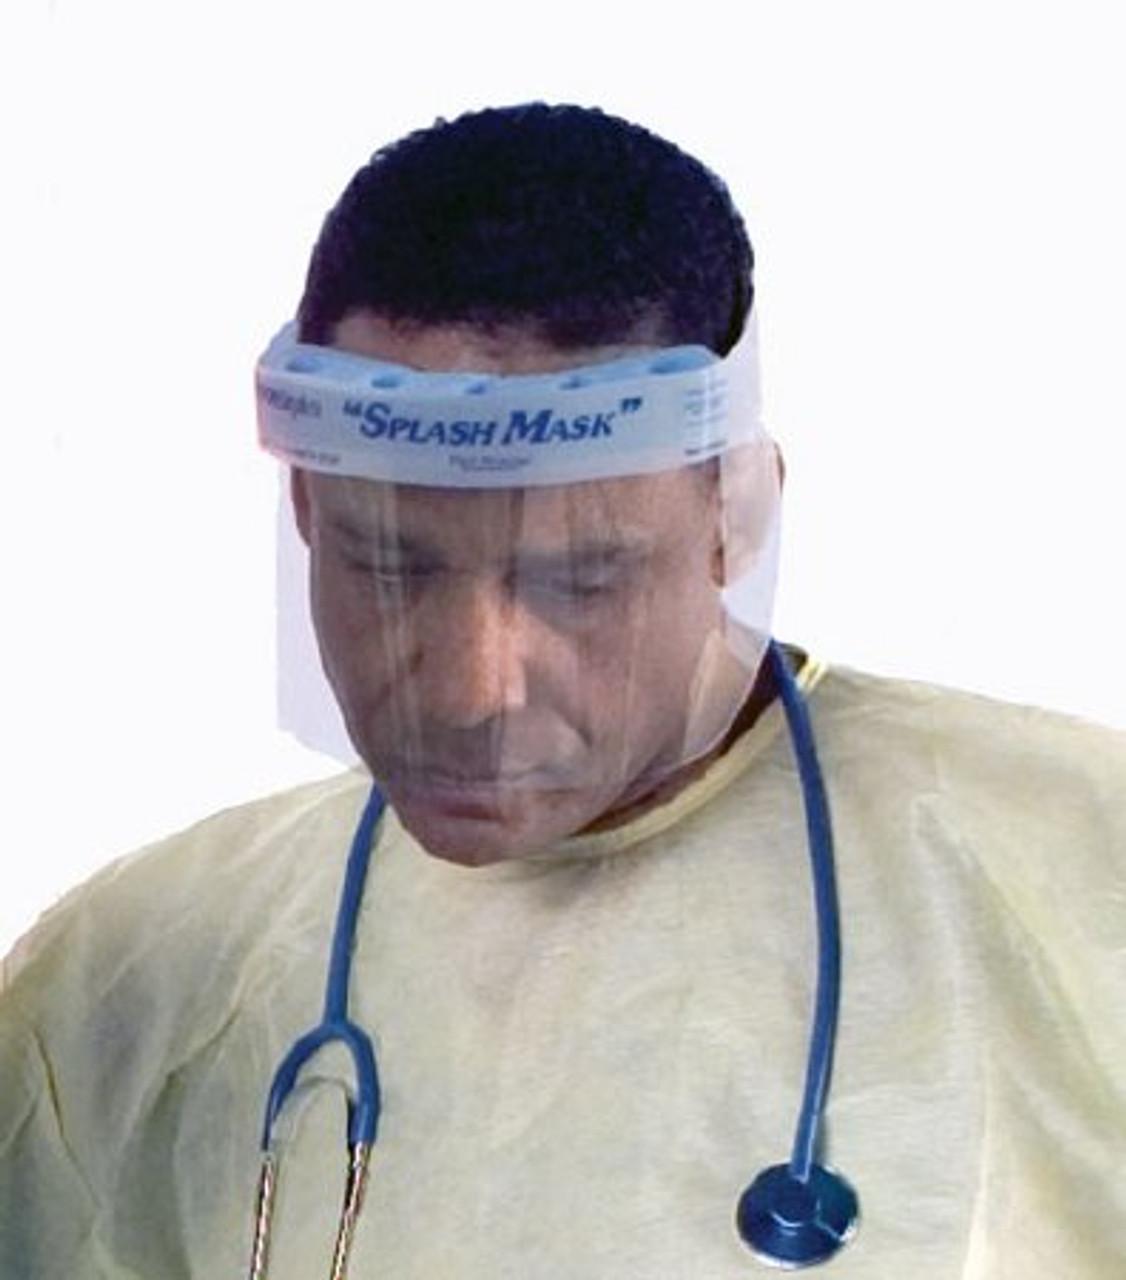 Embrace Splash Mask Face Shield Embrace Velcro Strap